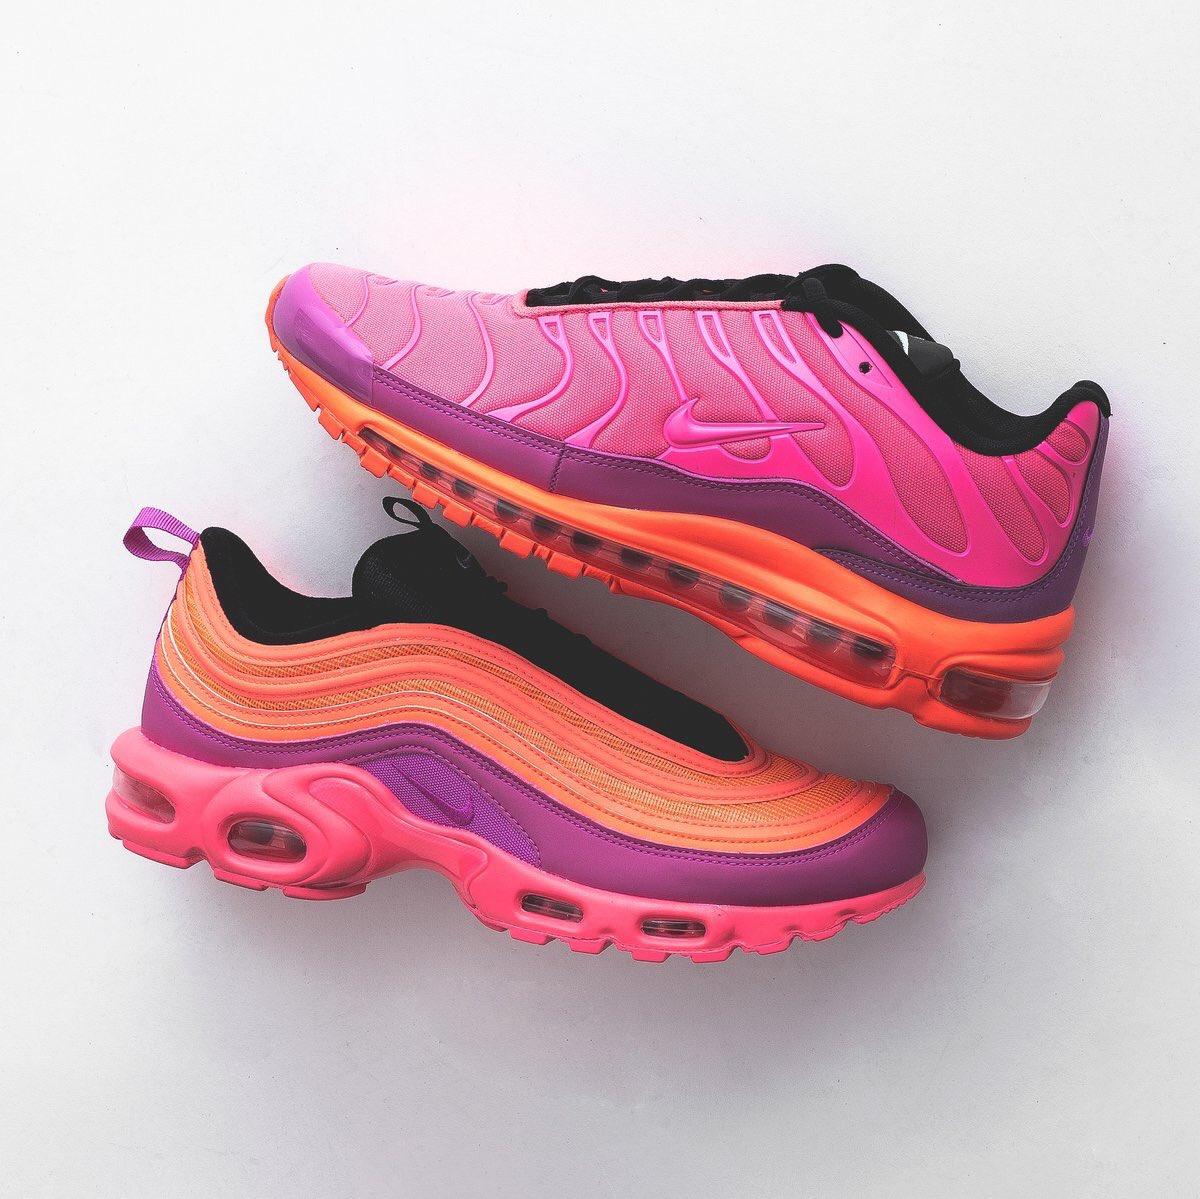 newest e630c 19bd8 Sneaker Deals GB on Twitter: